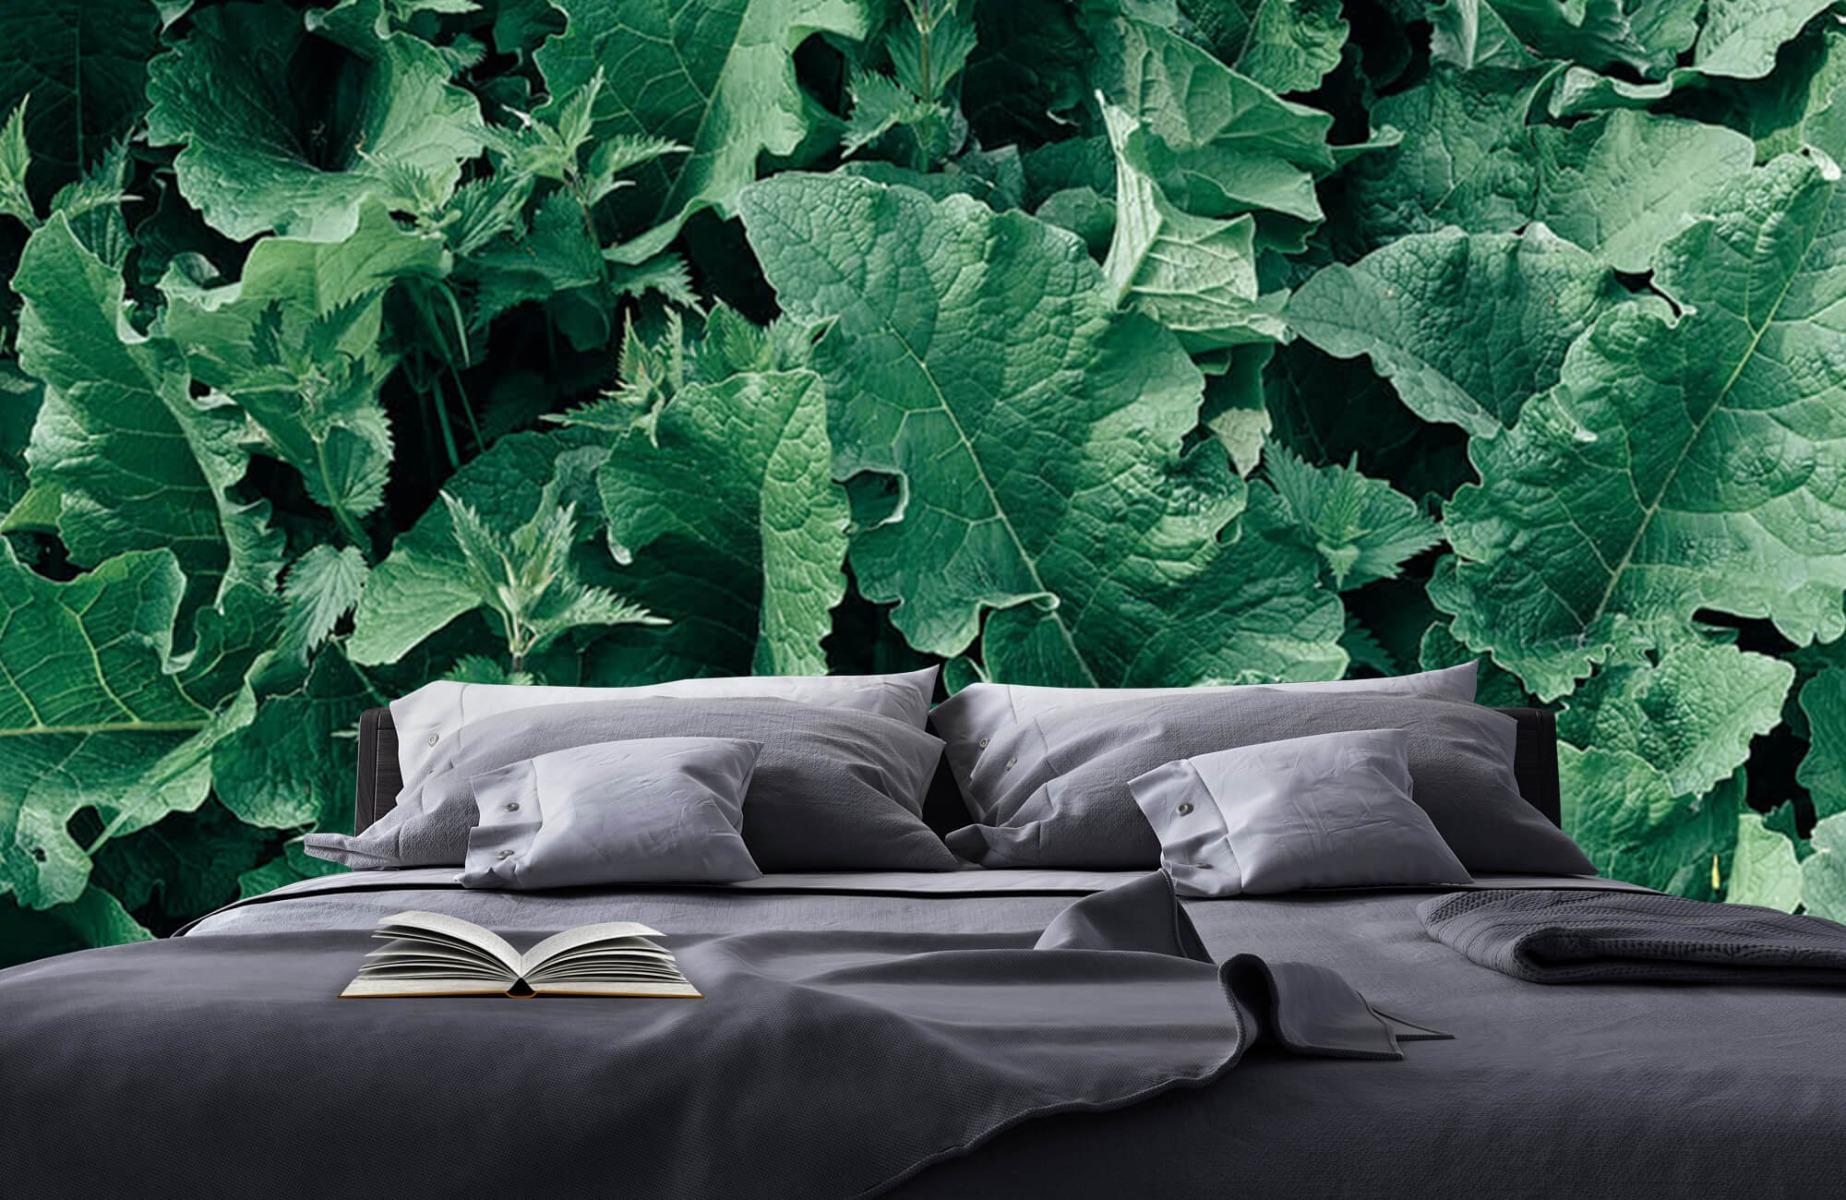 Bladeren - Gedetailleerd groen bladerdek - Wallexclusive - Slaapkamer 17